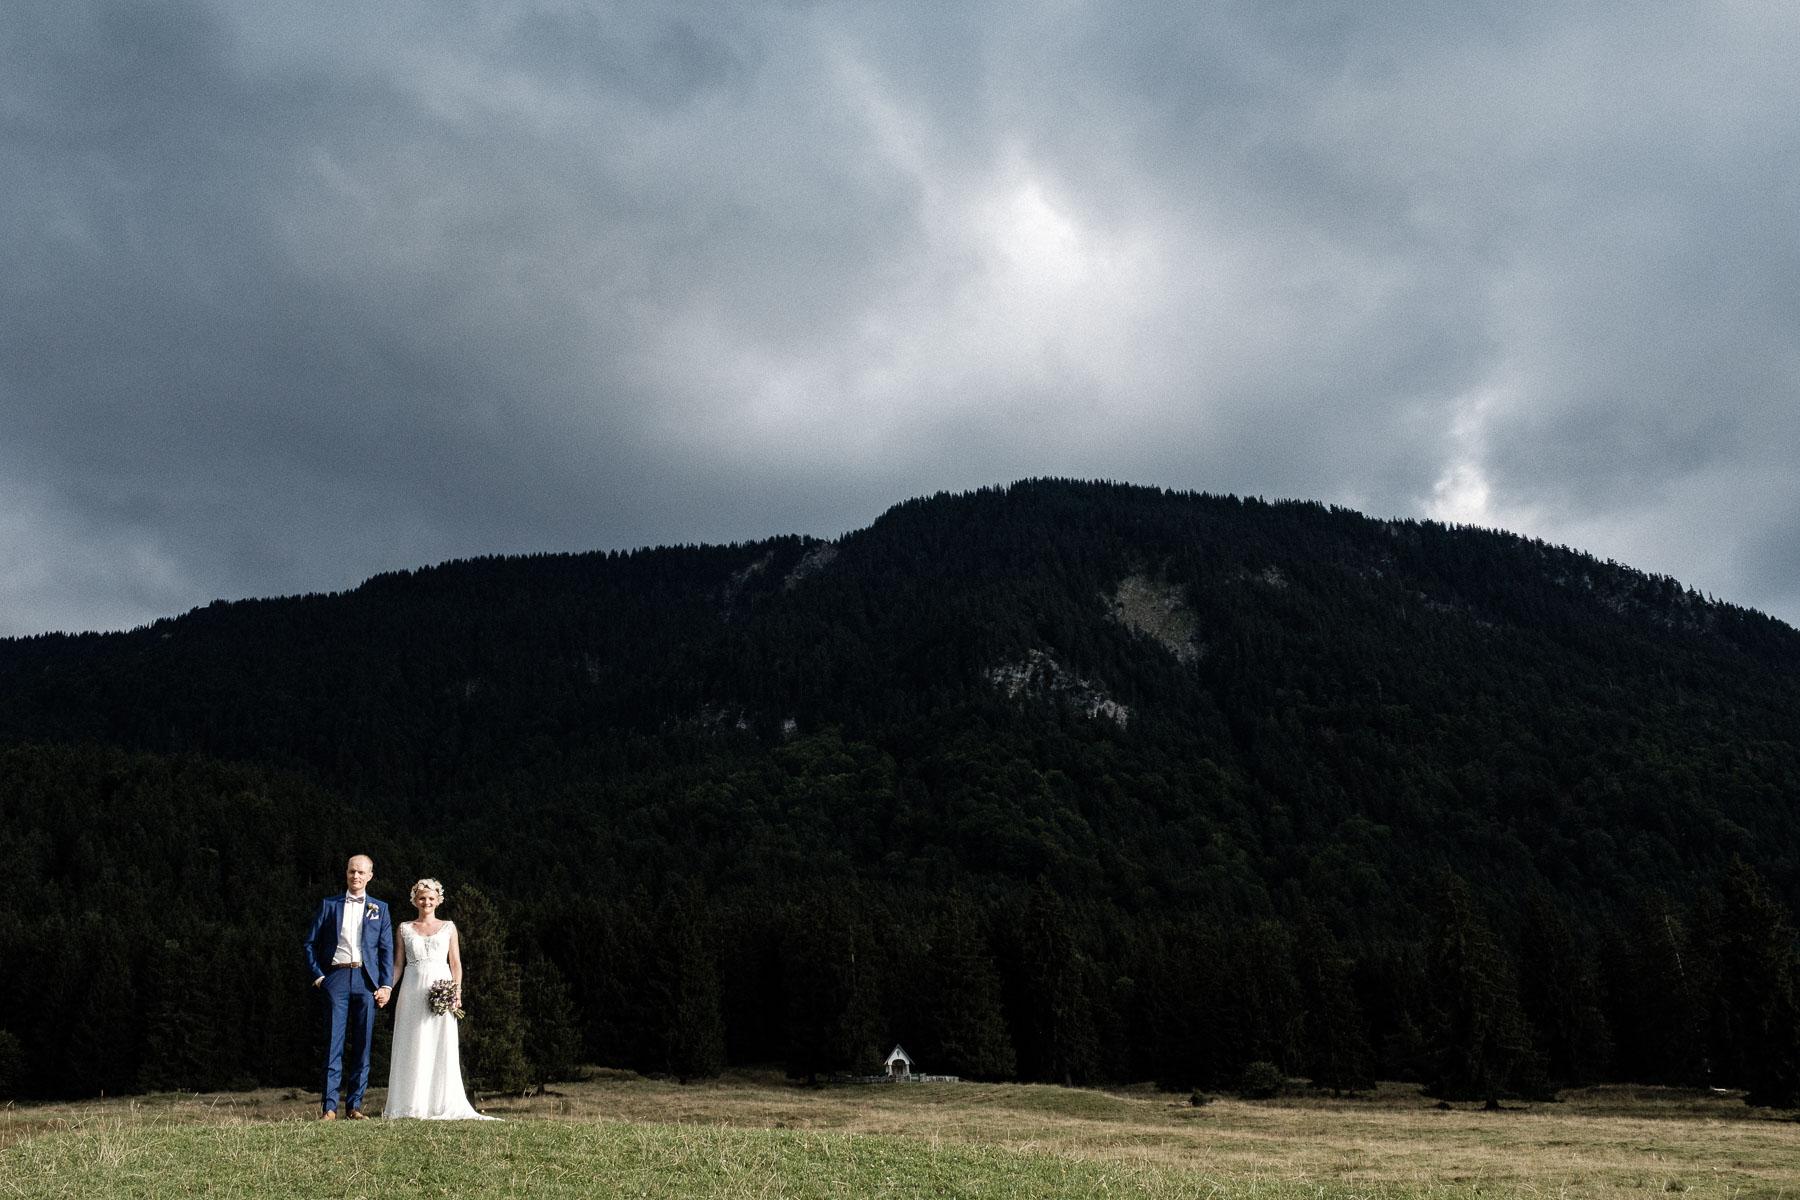 MartinLiebl_Hochzeitsfotograf_LCL_II_Blog_62.jpg